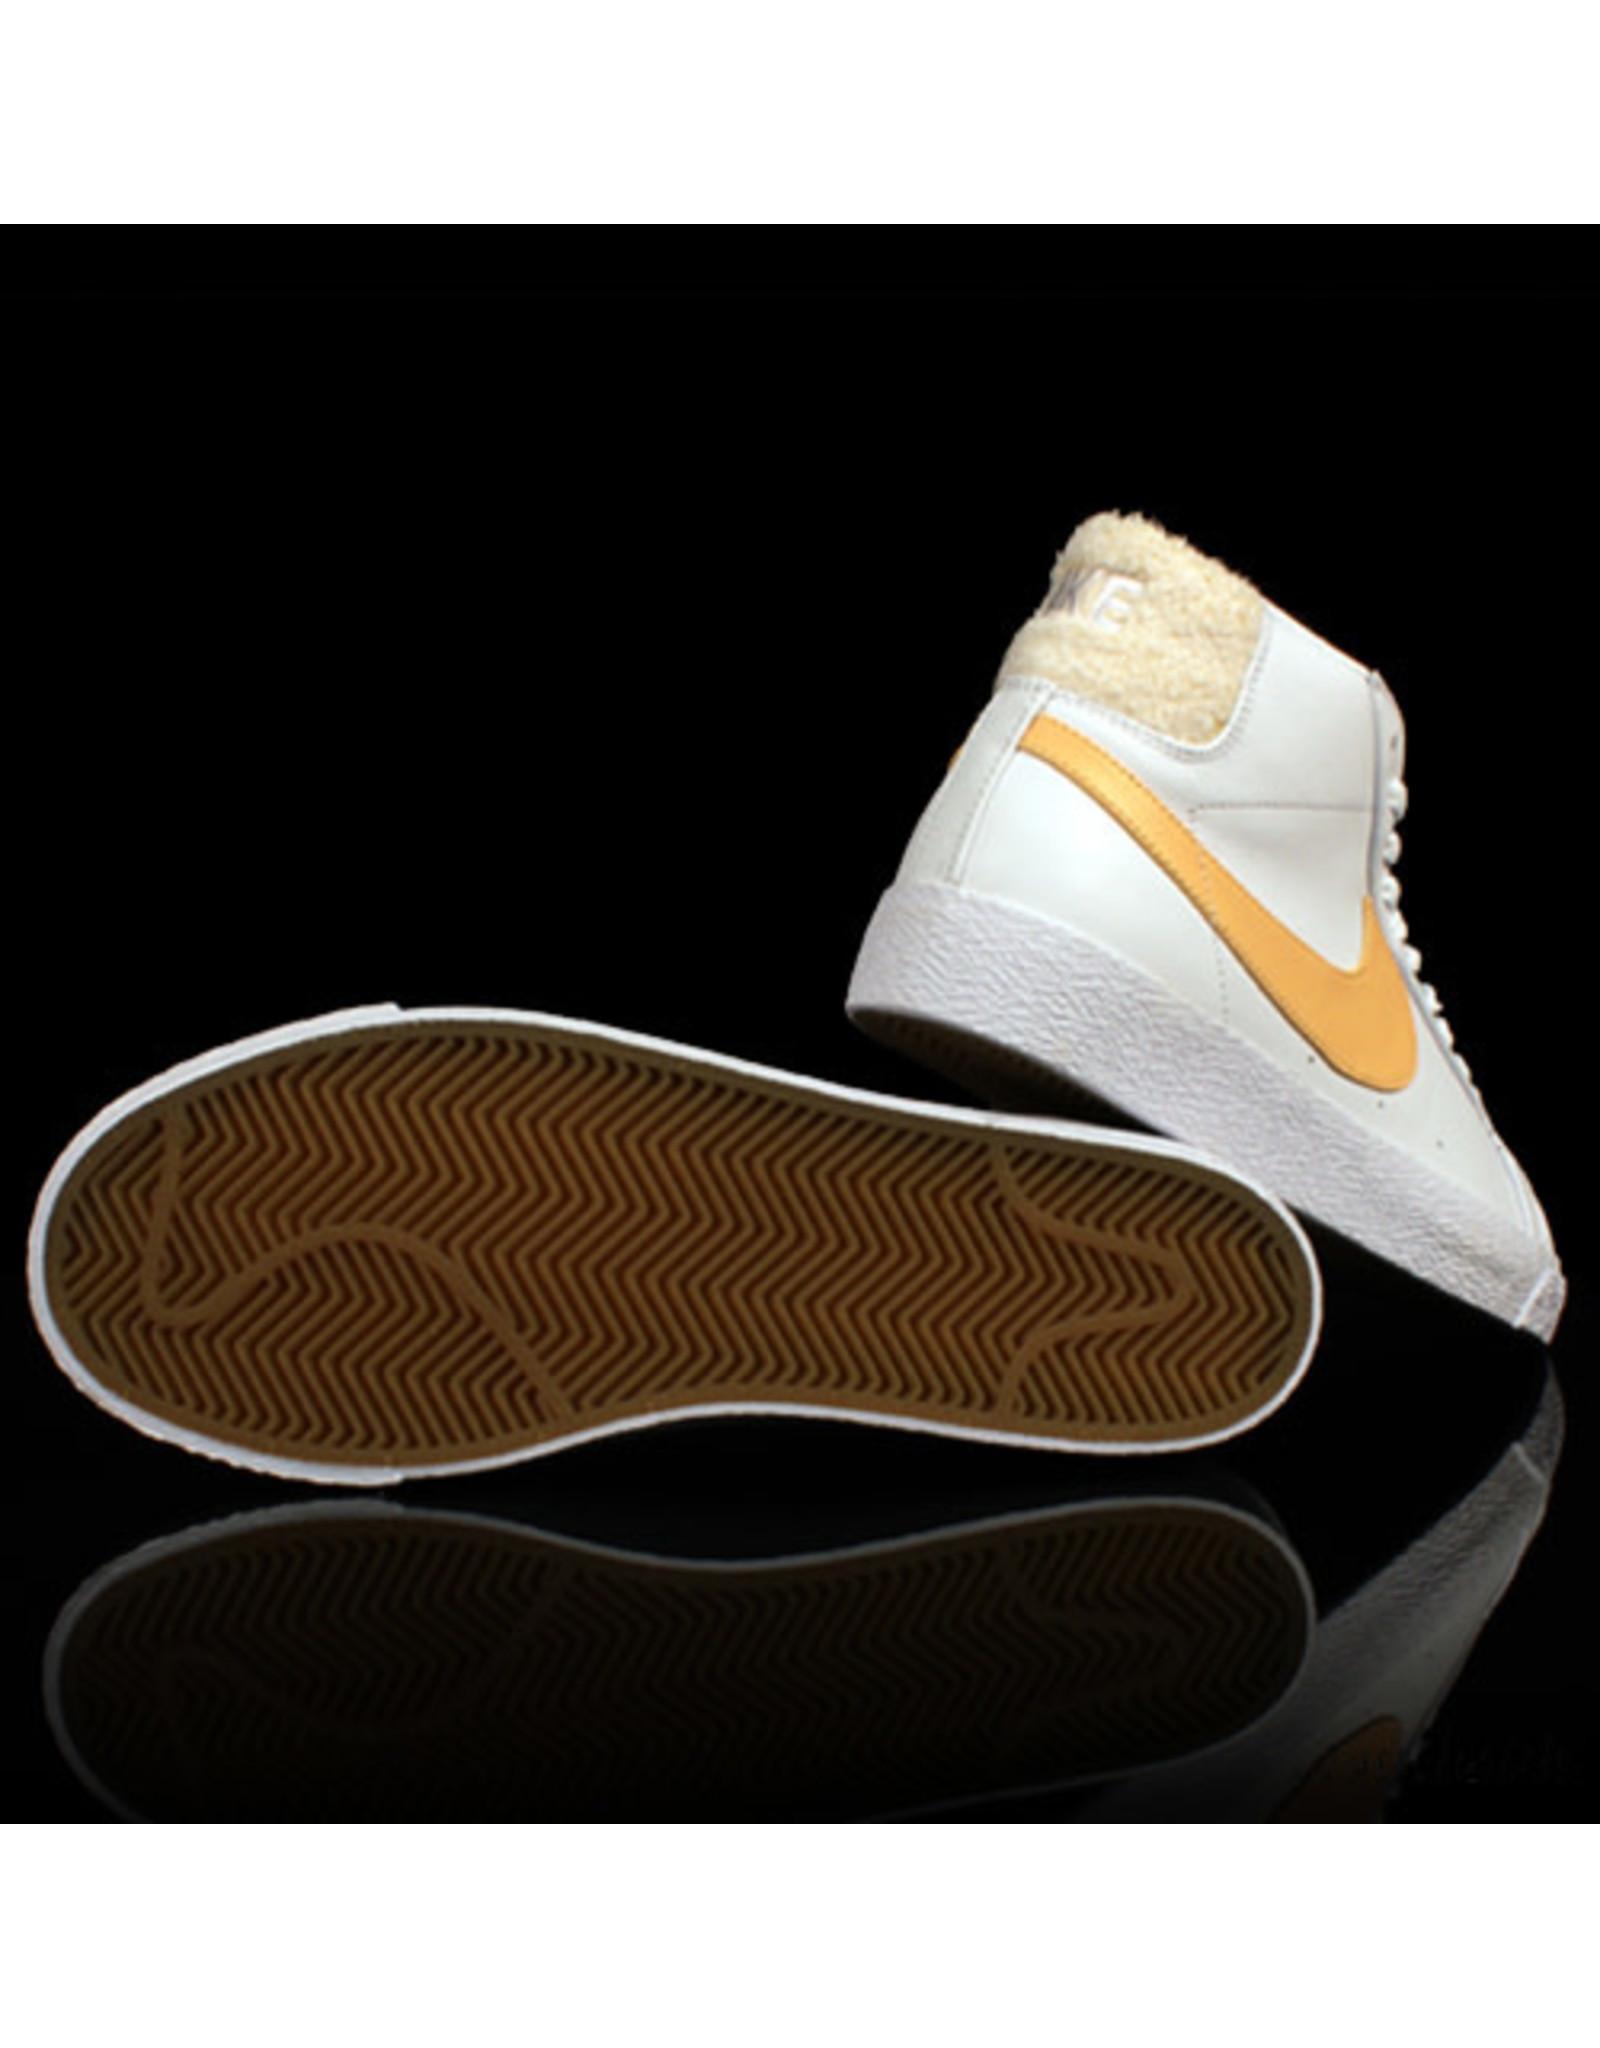 Nike Nike SB Blazer White Celestial Gold